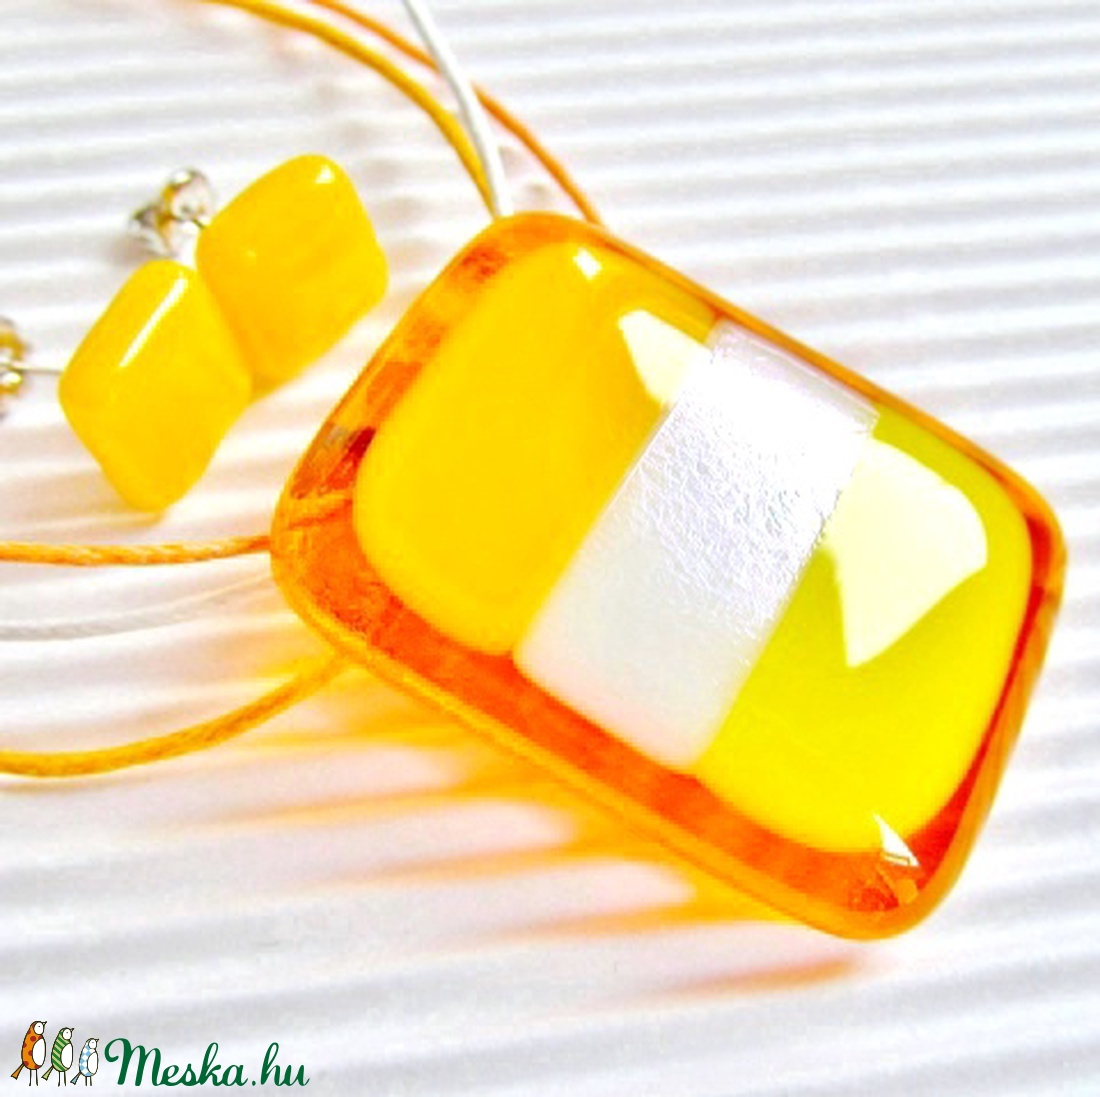 Mézédes napsugár üveg medál és fülbevaló, NEMESACÉL, üvegékszer szett - ékszer - ékszerszett - Meska.hu